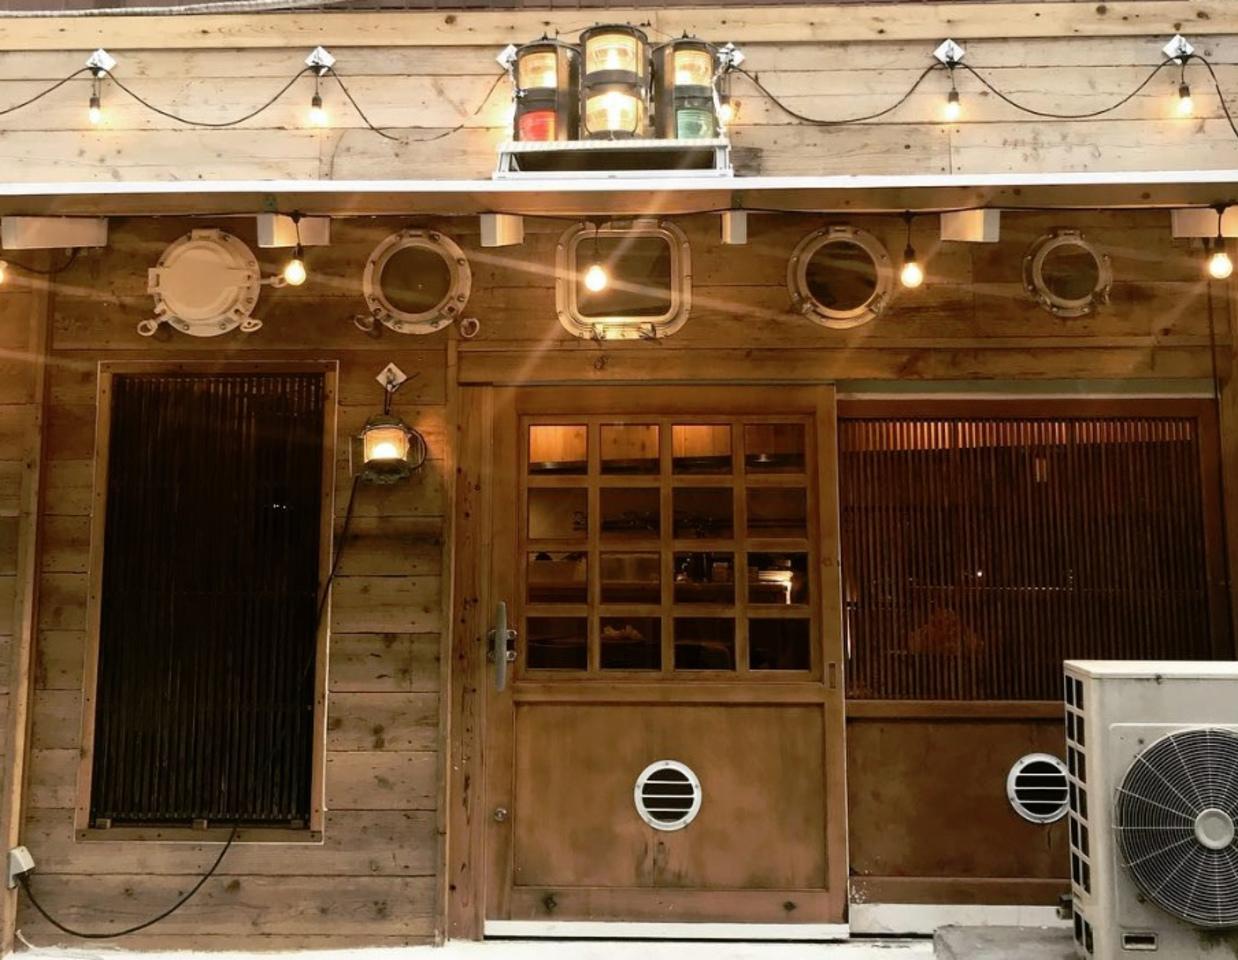 築地から仕入れた食材中心...吉祥寺駅近くに「築地スパイス食堂 かぶと」プレオープン